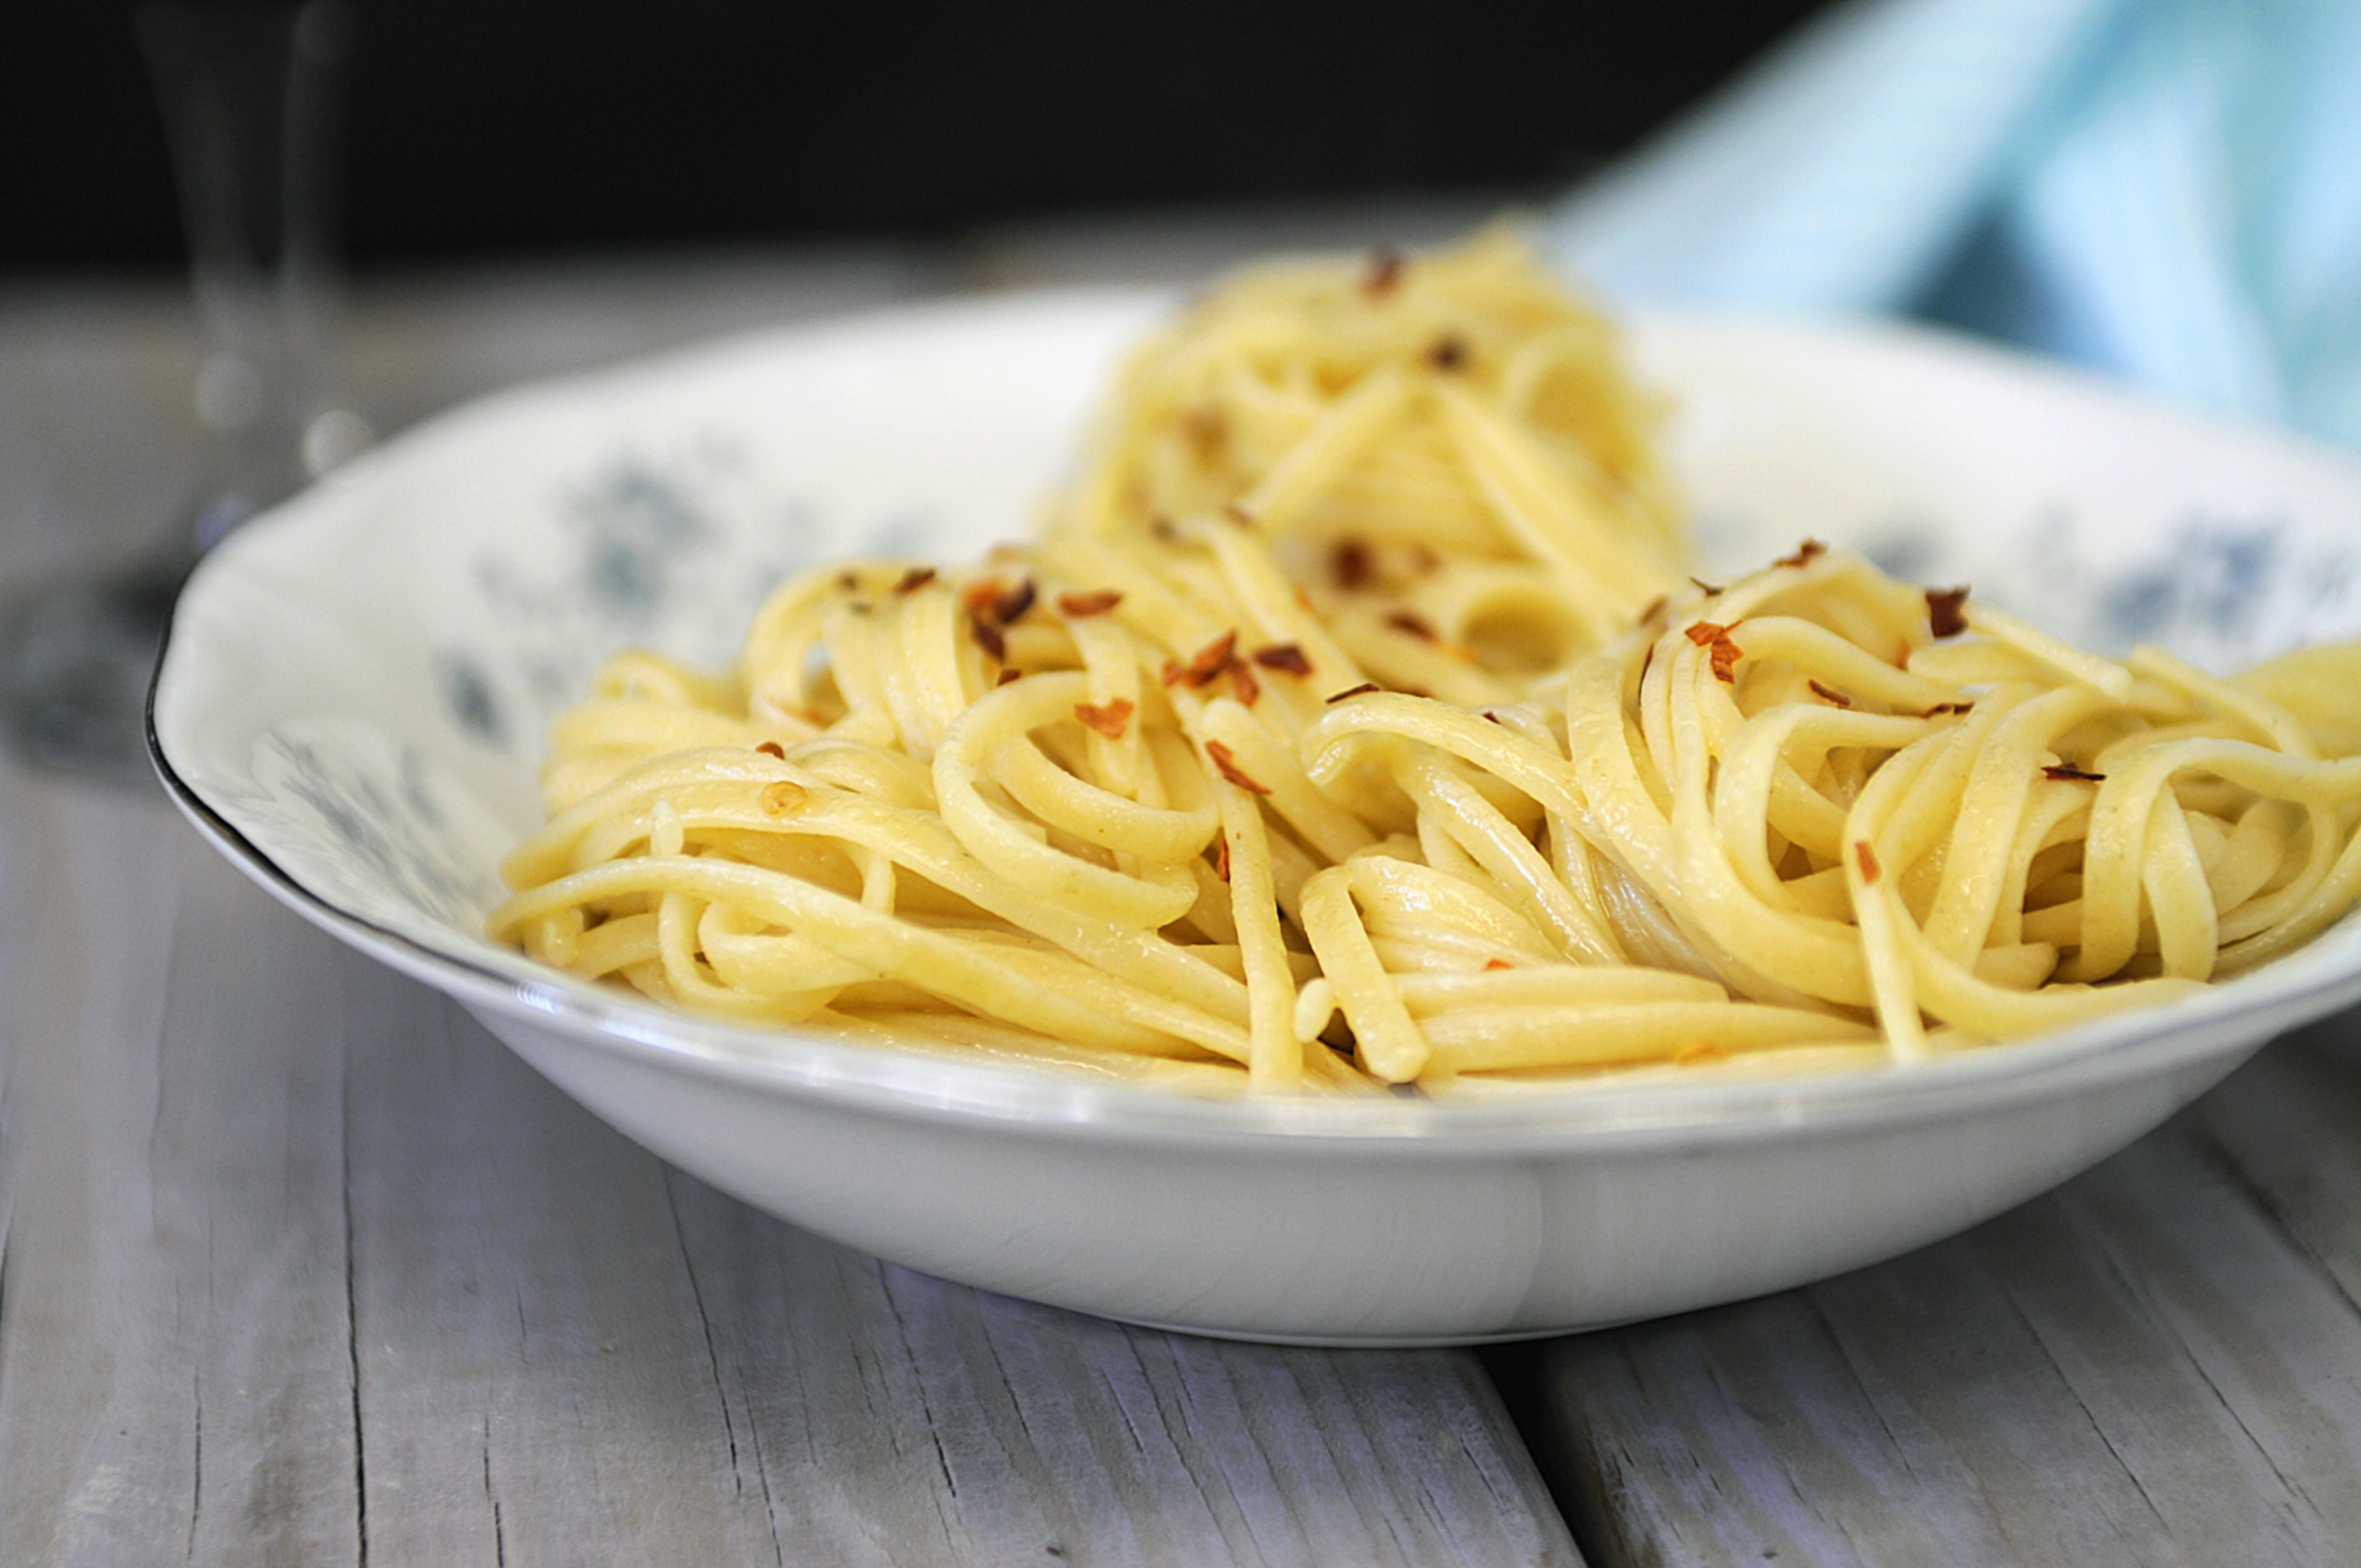 spaghetti aglio e olio feed me seymourfeed me seymour. Black Bedroom Furniture Sets. Home Design Ideas